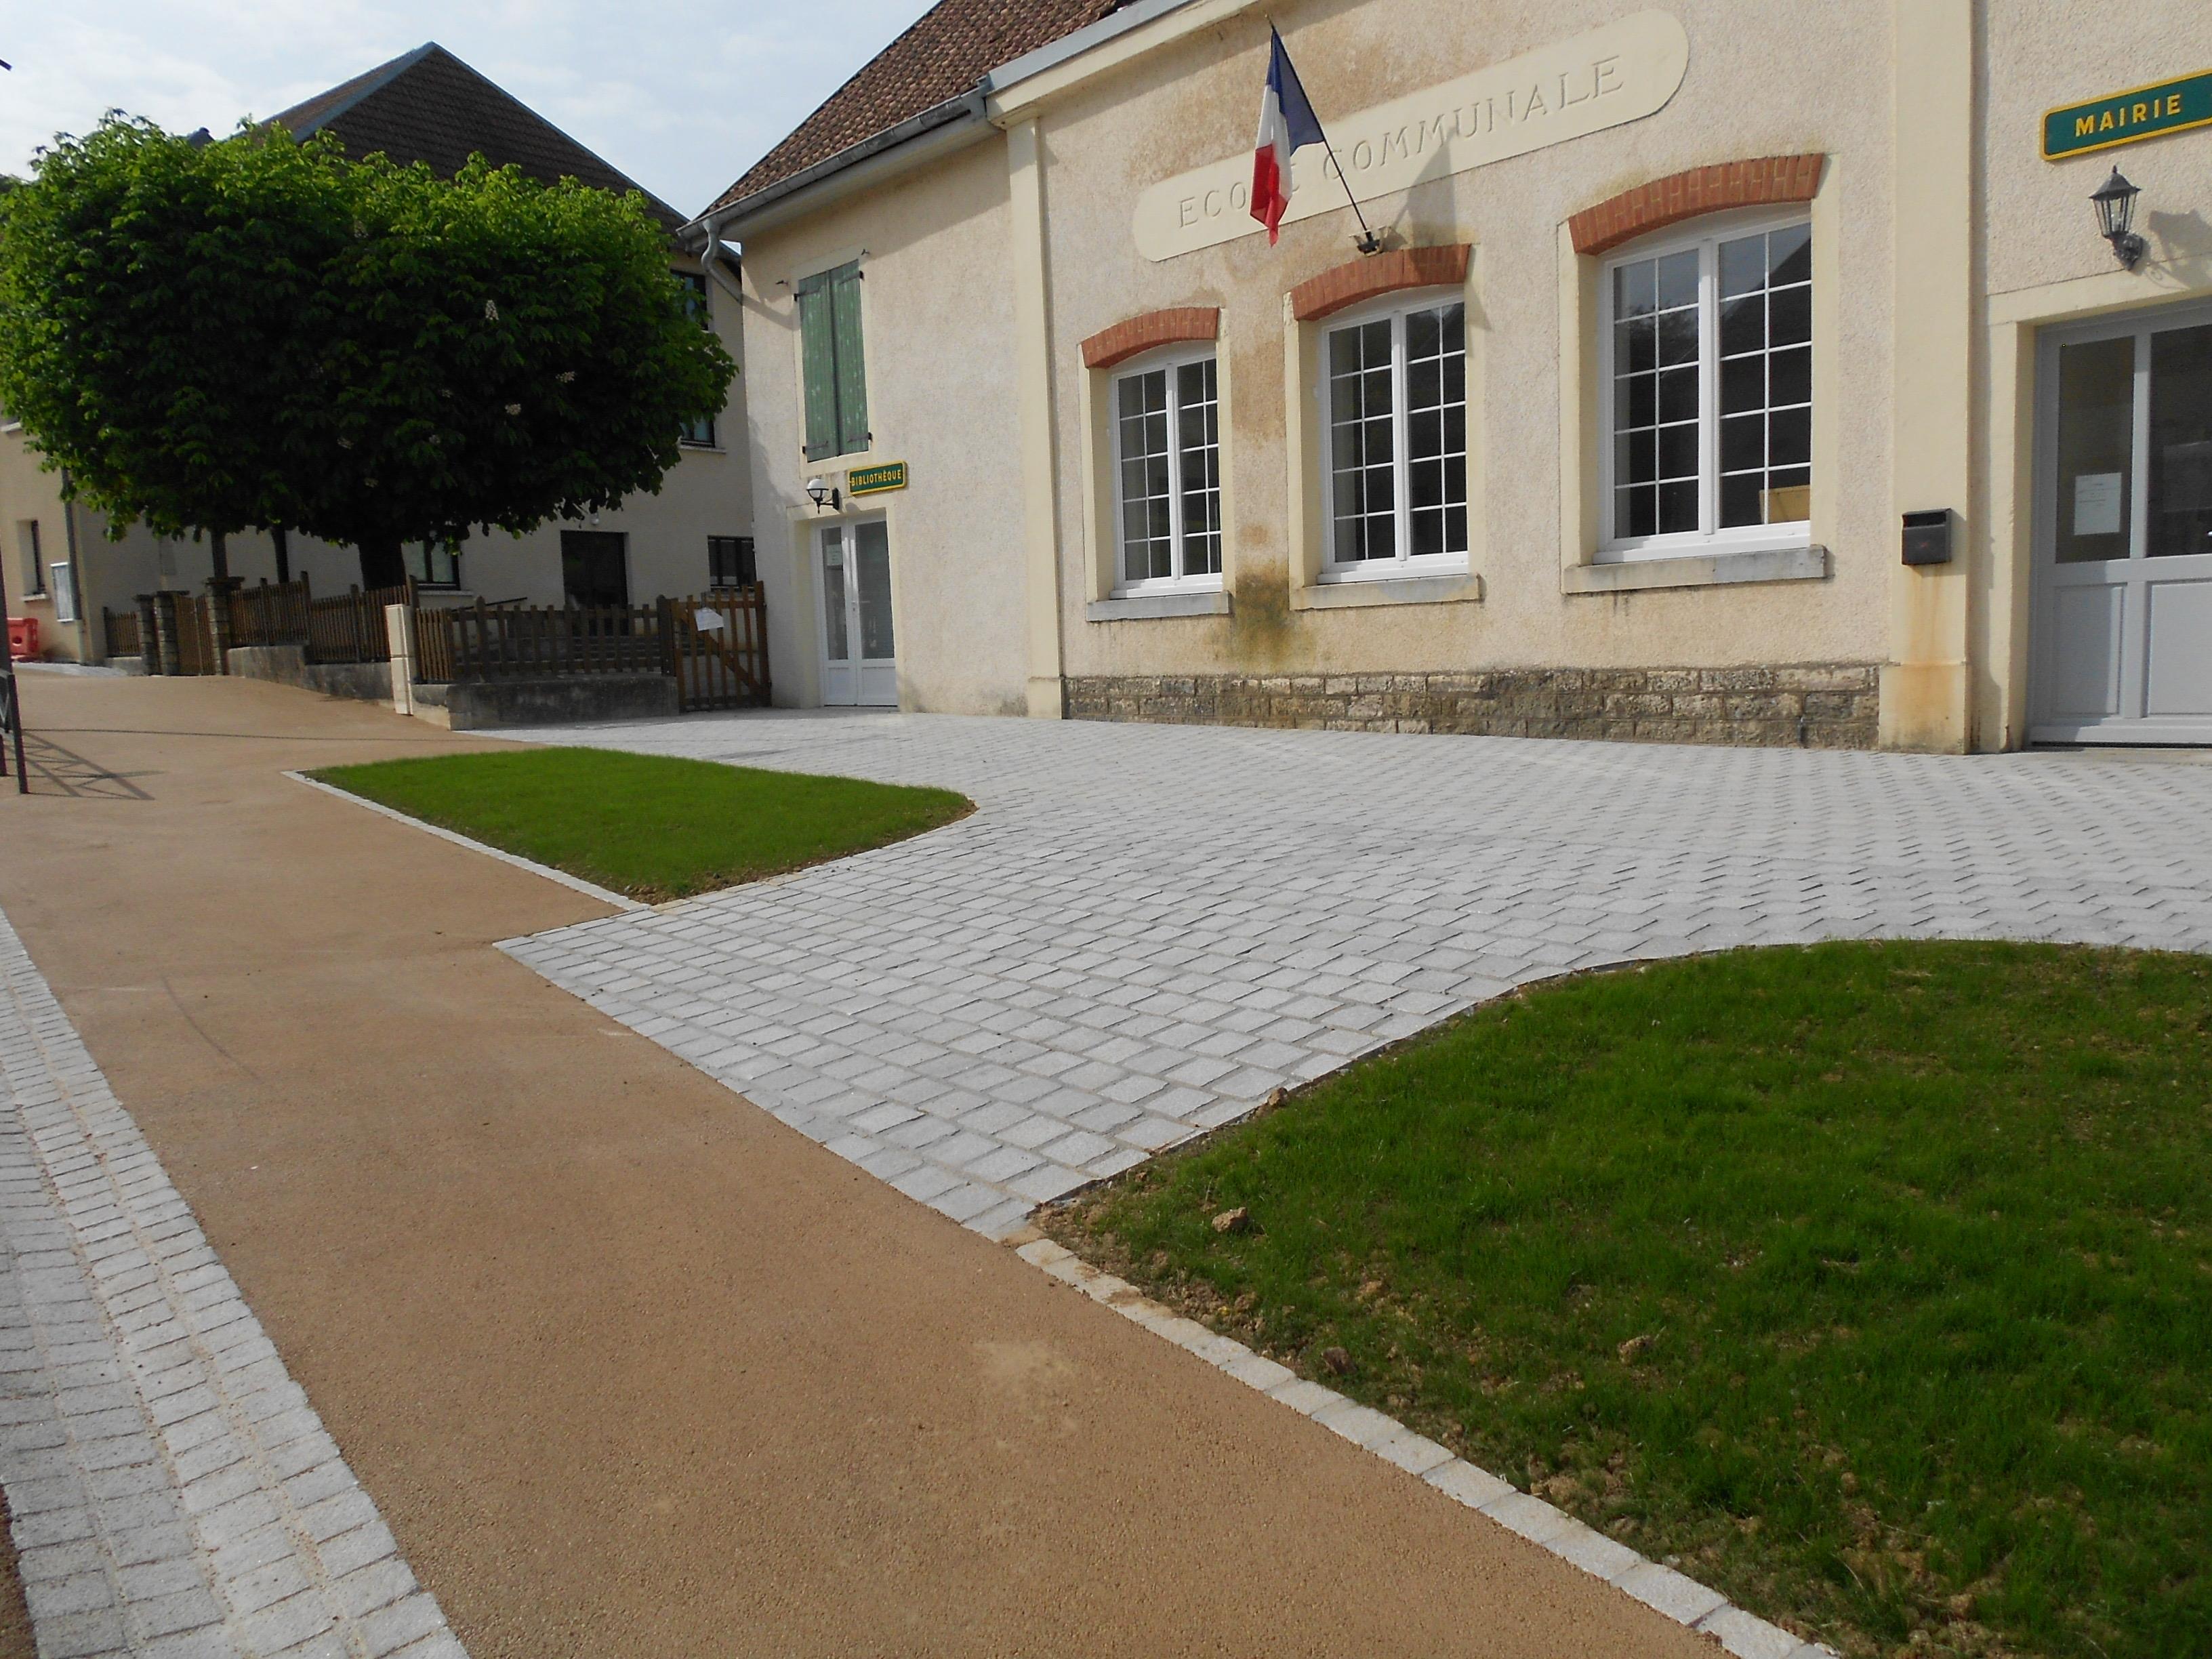 L'ancienne école devenue mairie